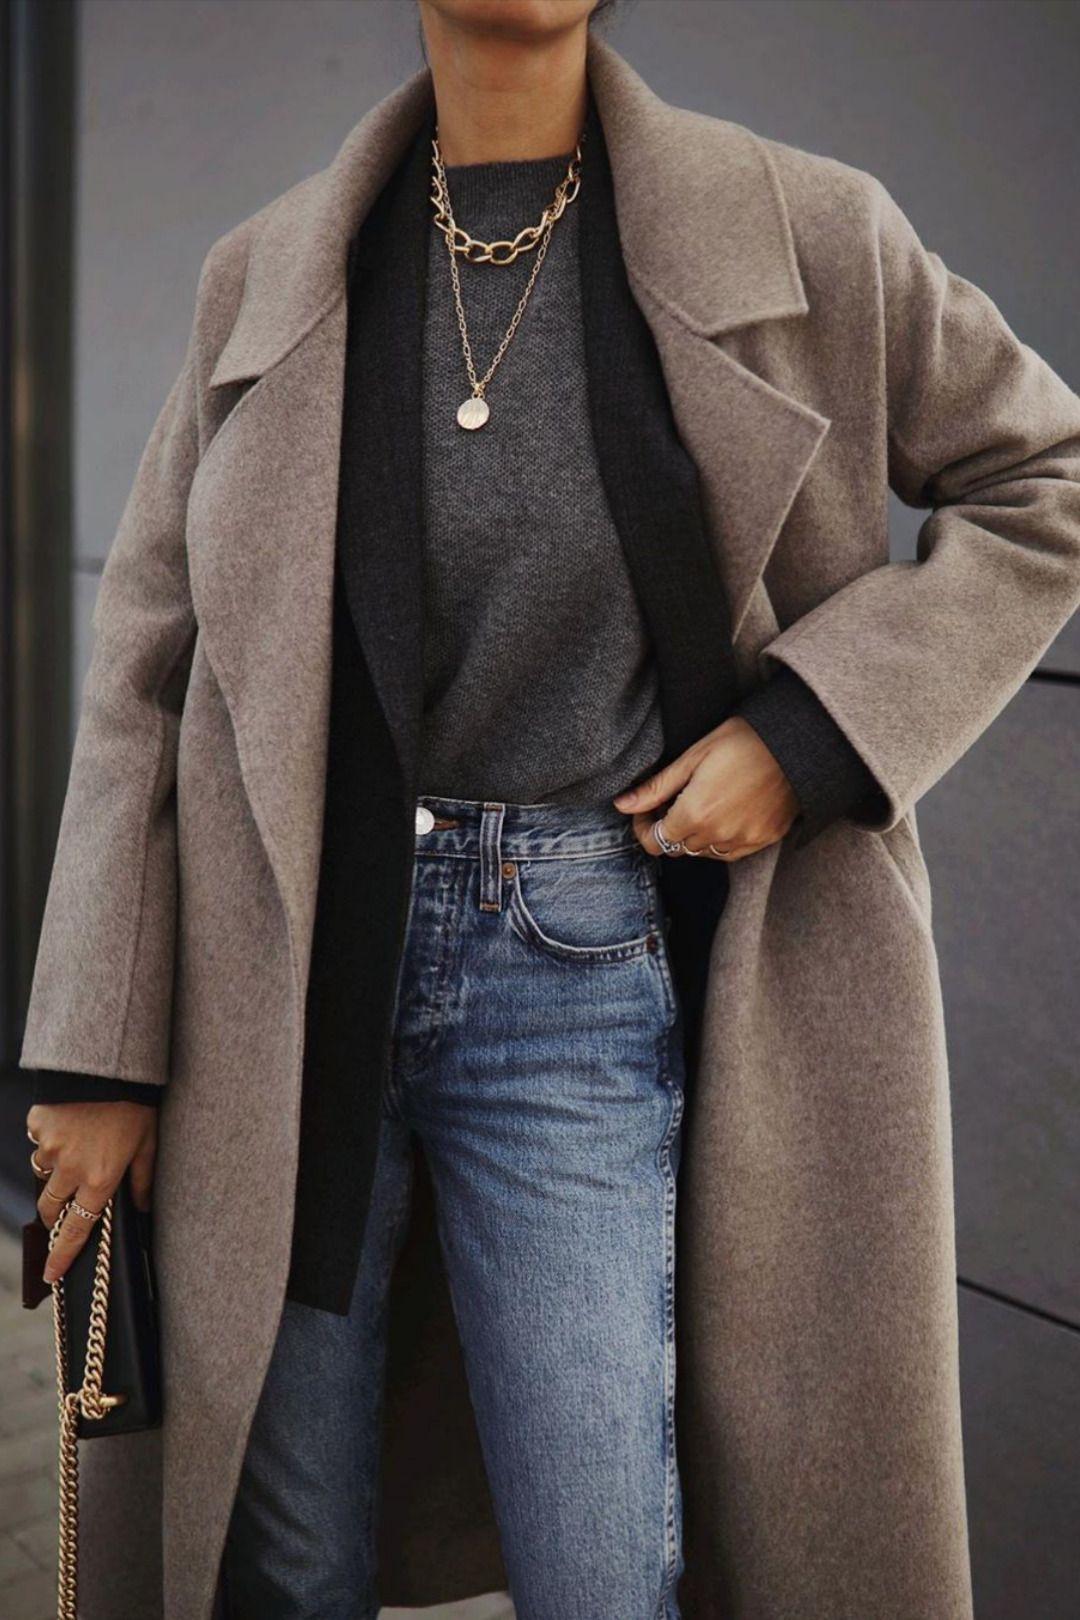 TENUES JEANS CLASSIQUES ET SIMPLES POUR L'HIVER – Idées de tenues   – Minimalistic outfits